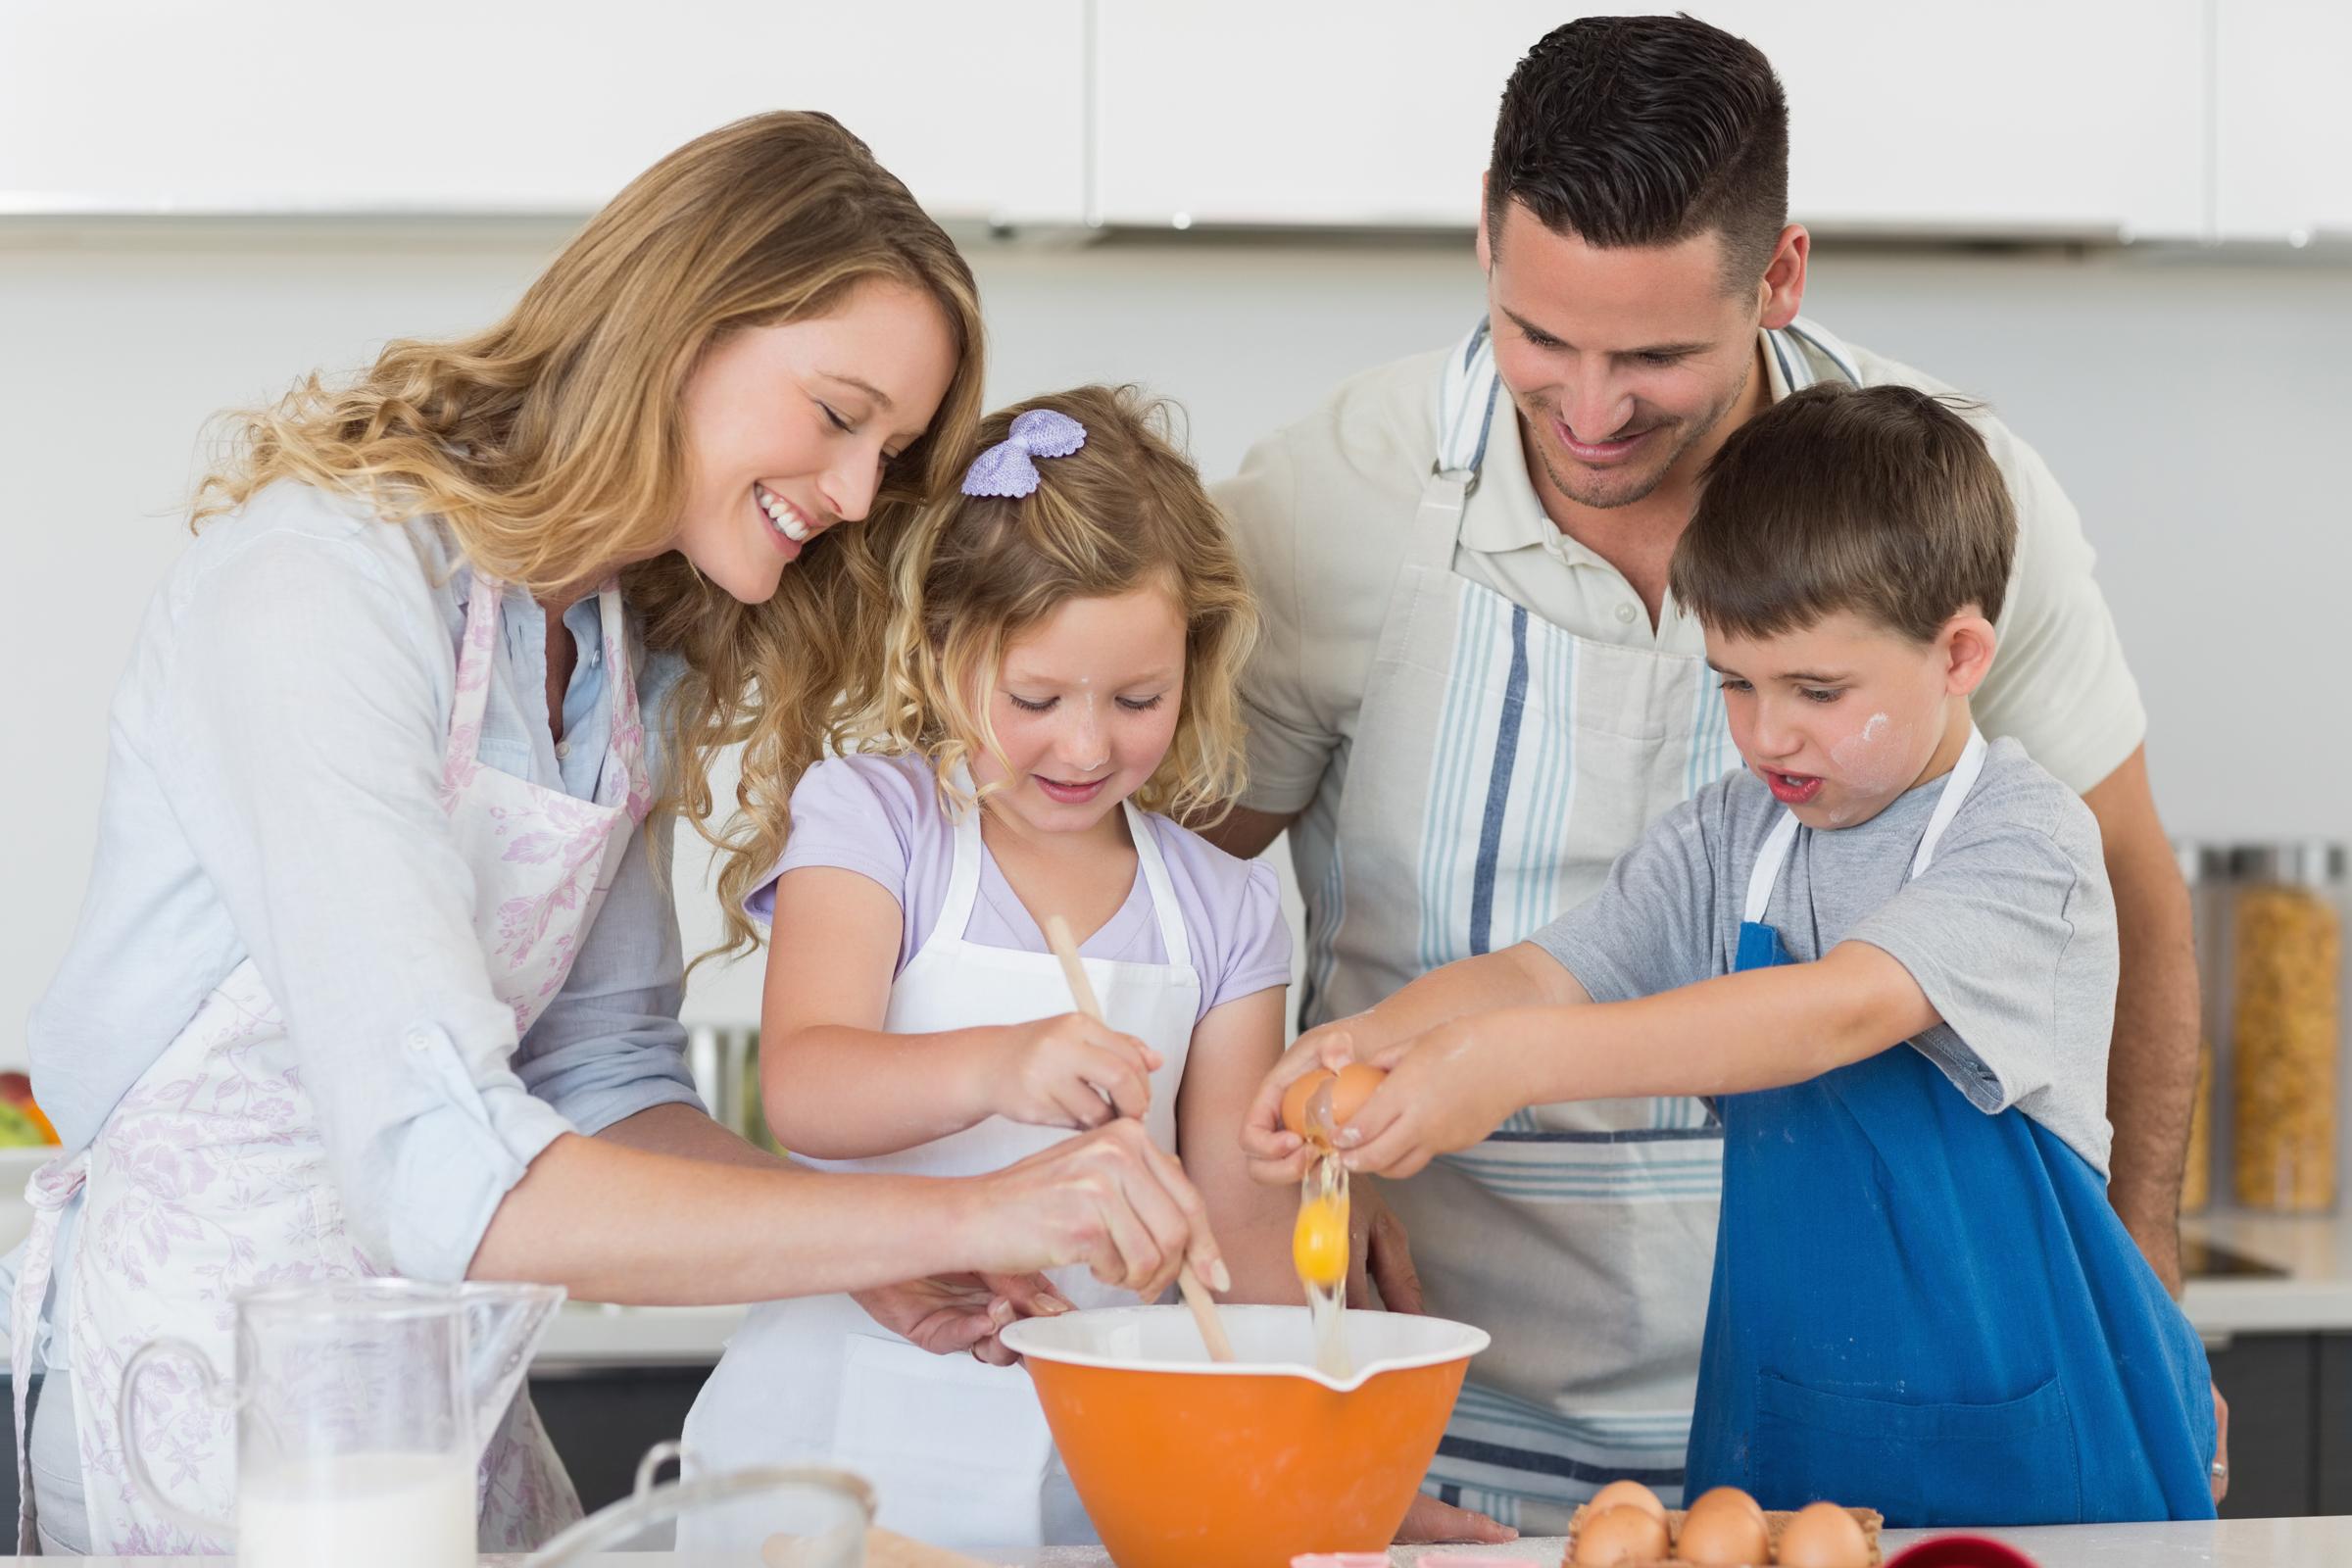 Cours parent enfant c 39 est l ap ro de 15h00 17h00 travailler 2 c 39 est mieux un ar me 2 chefs - Cours de cuisine parent enfant ...